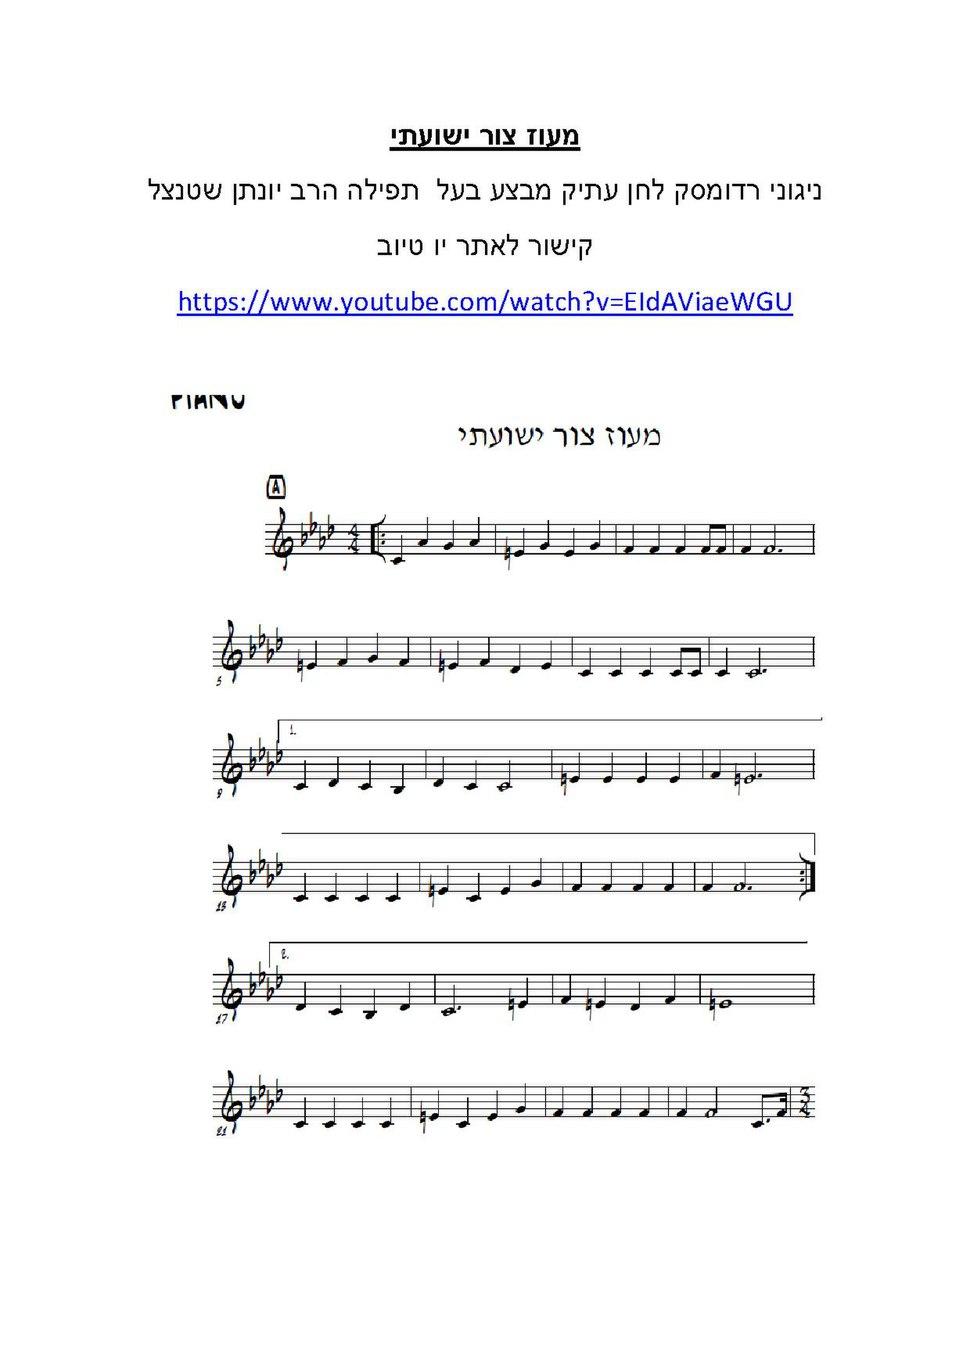 מעוז צור ישועתי שירי חנוכה תווים רדומסק מבצע בעל התפילה יונתן שטנצל hanukkah songs maoz tzur yeshuati.pdf